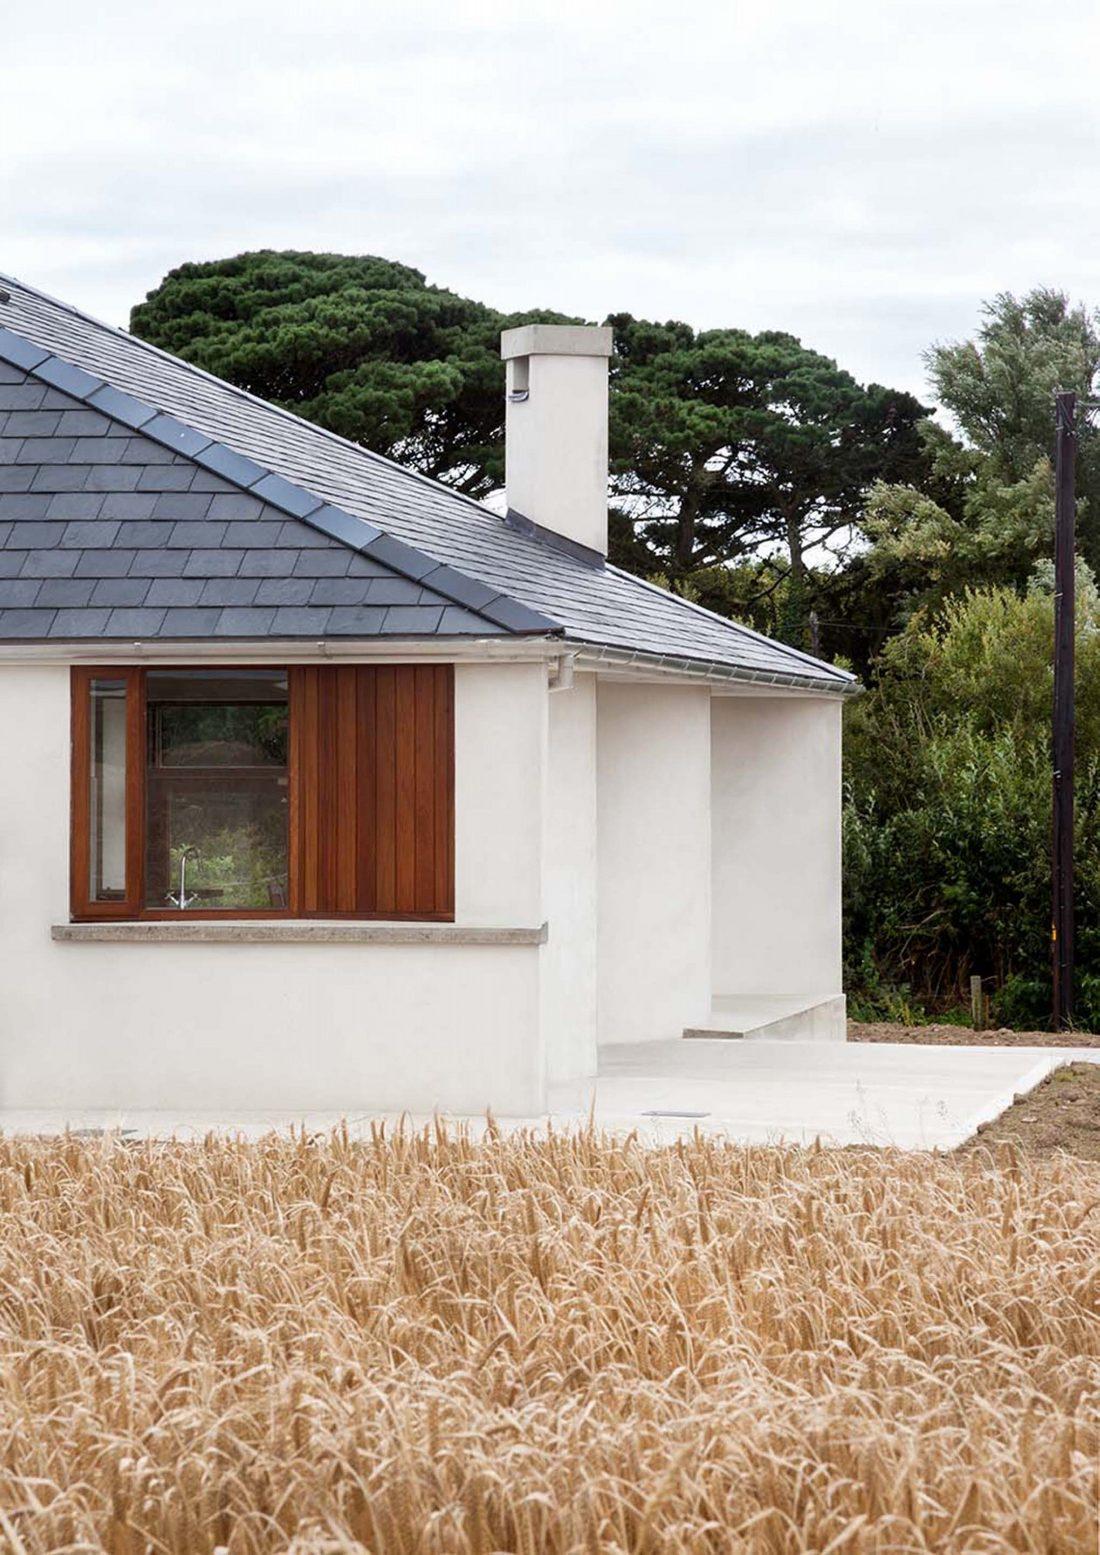 Сельский дом в Kilmore, Ирландия, от студии GKMP Architects 6